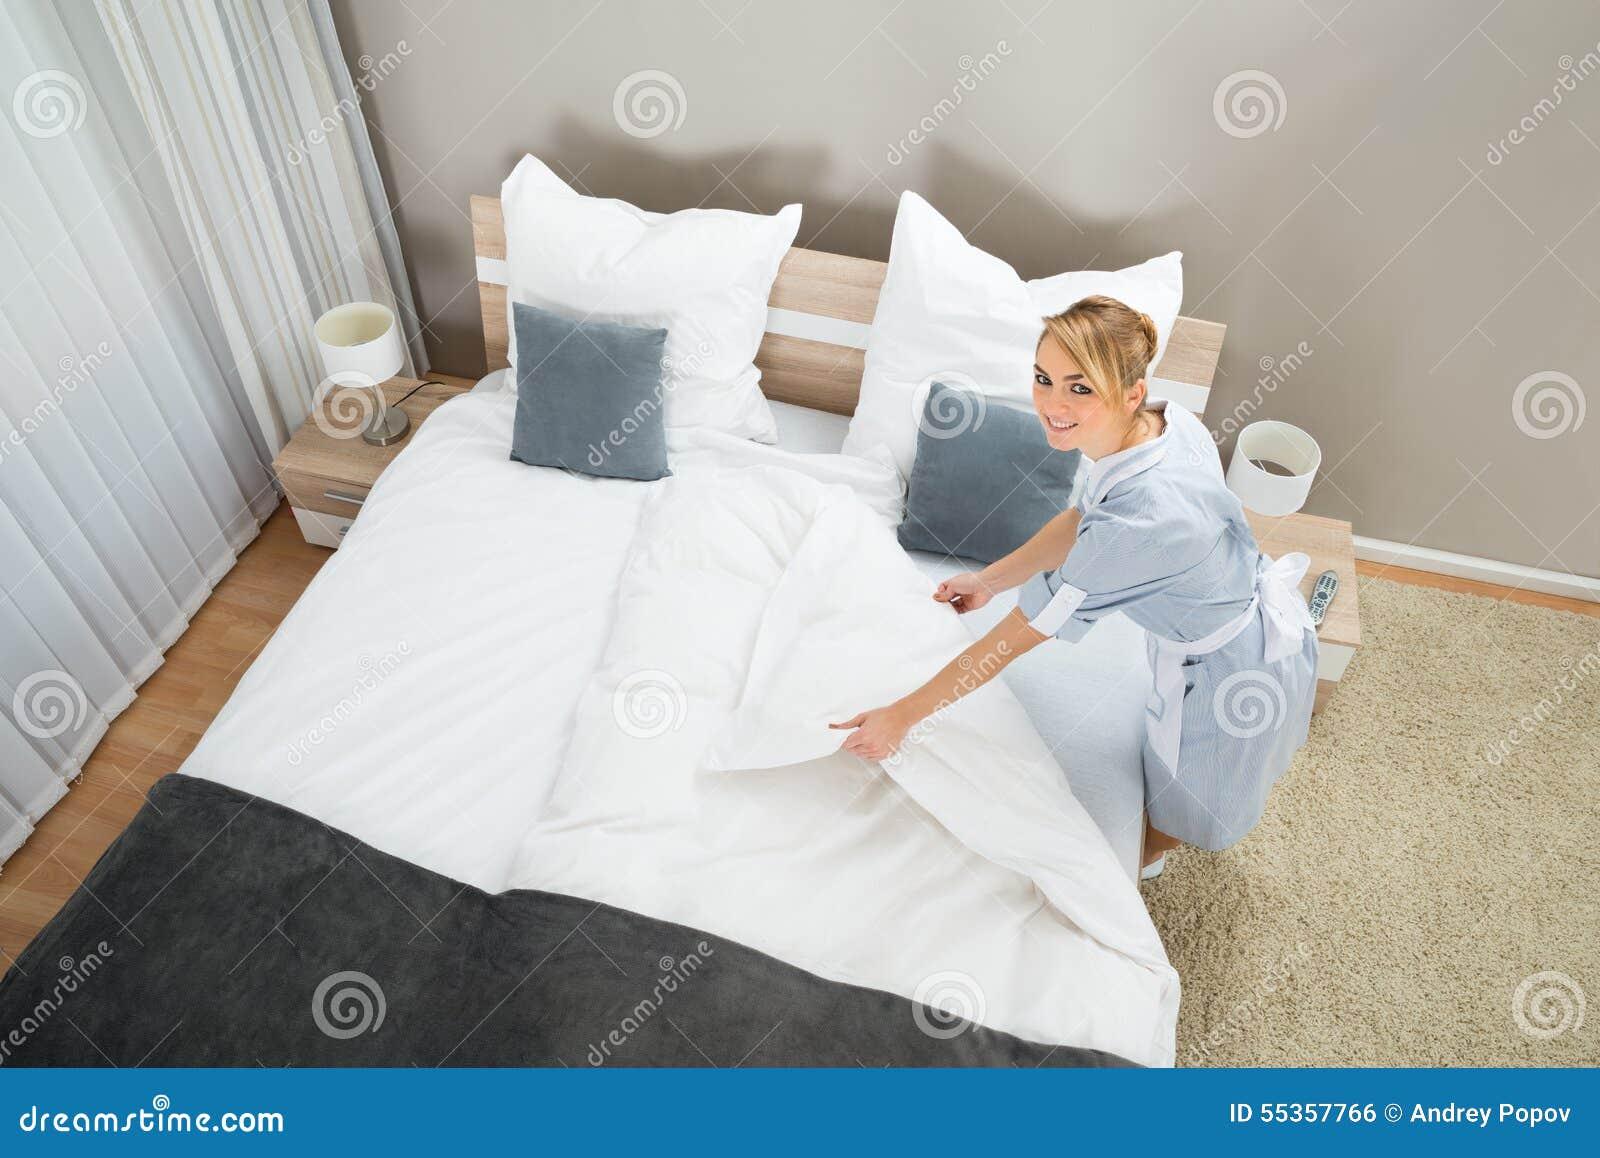 Governante femminile che fa letto con i vestiti del letto